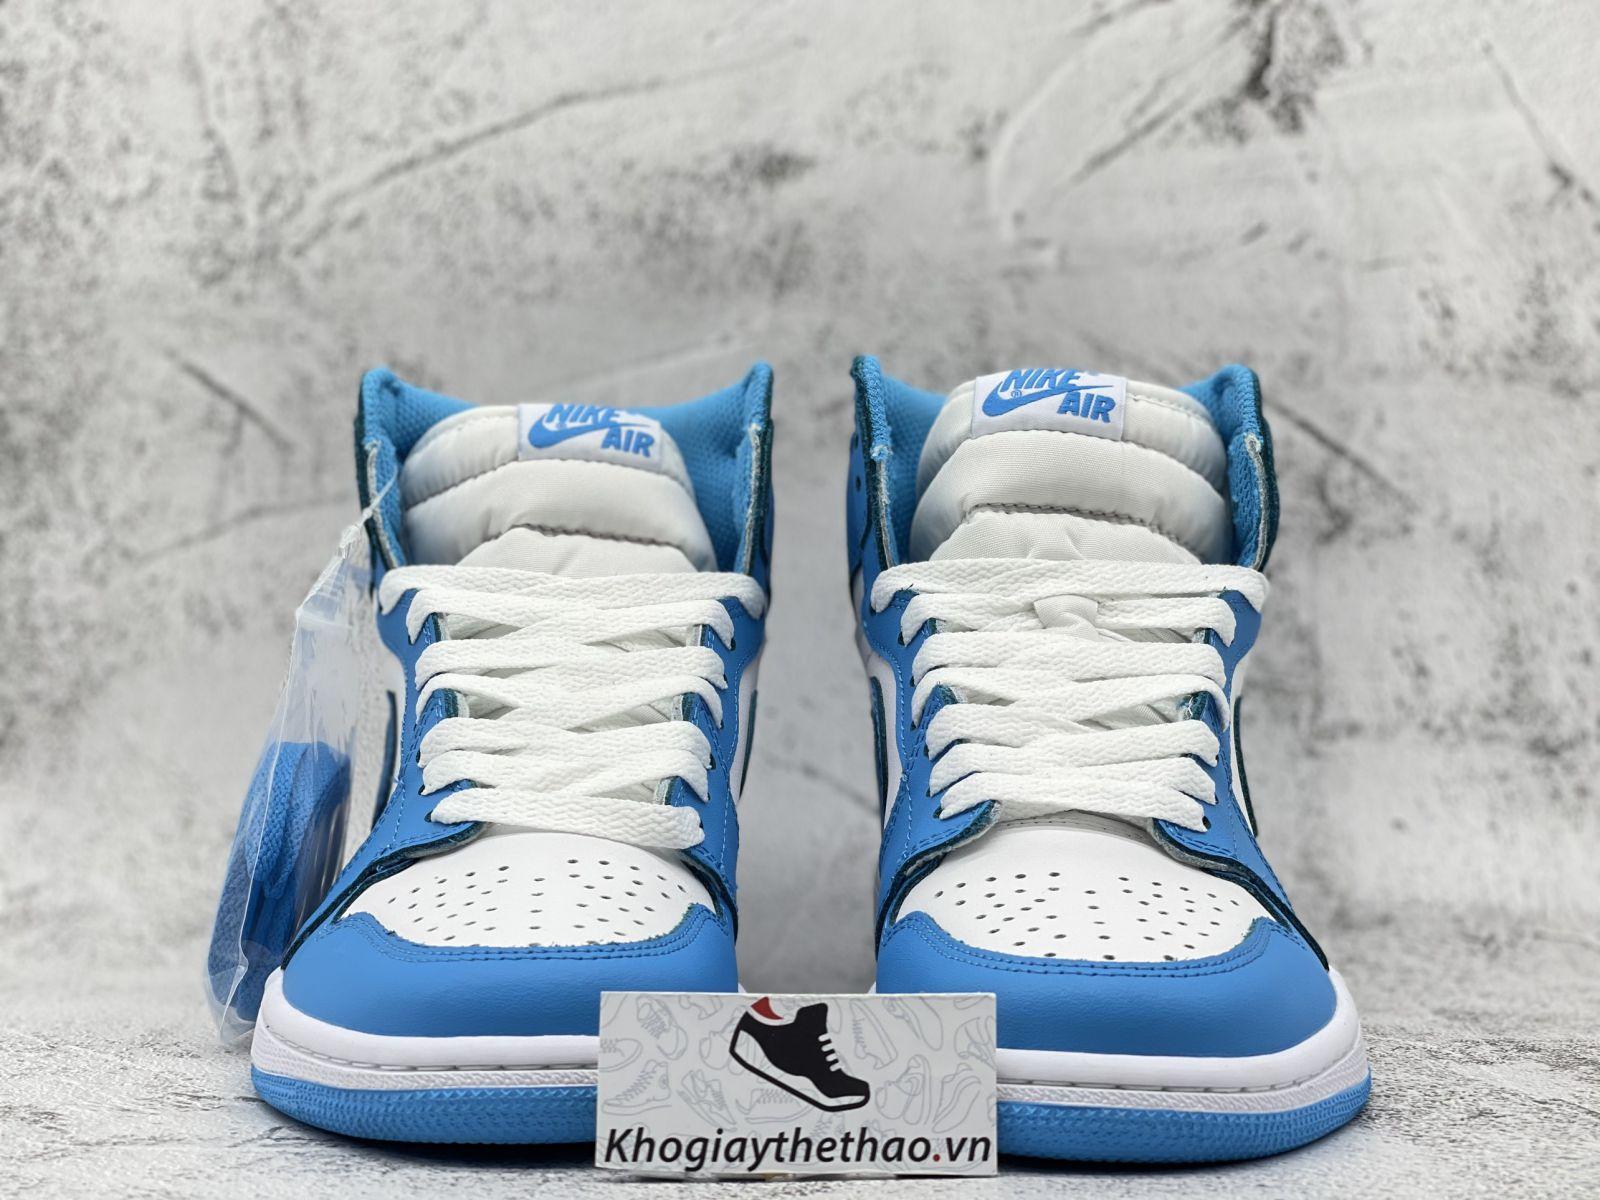 Air Jordan 1 Retro UNC